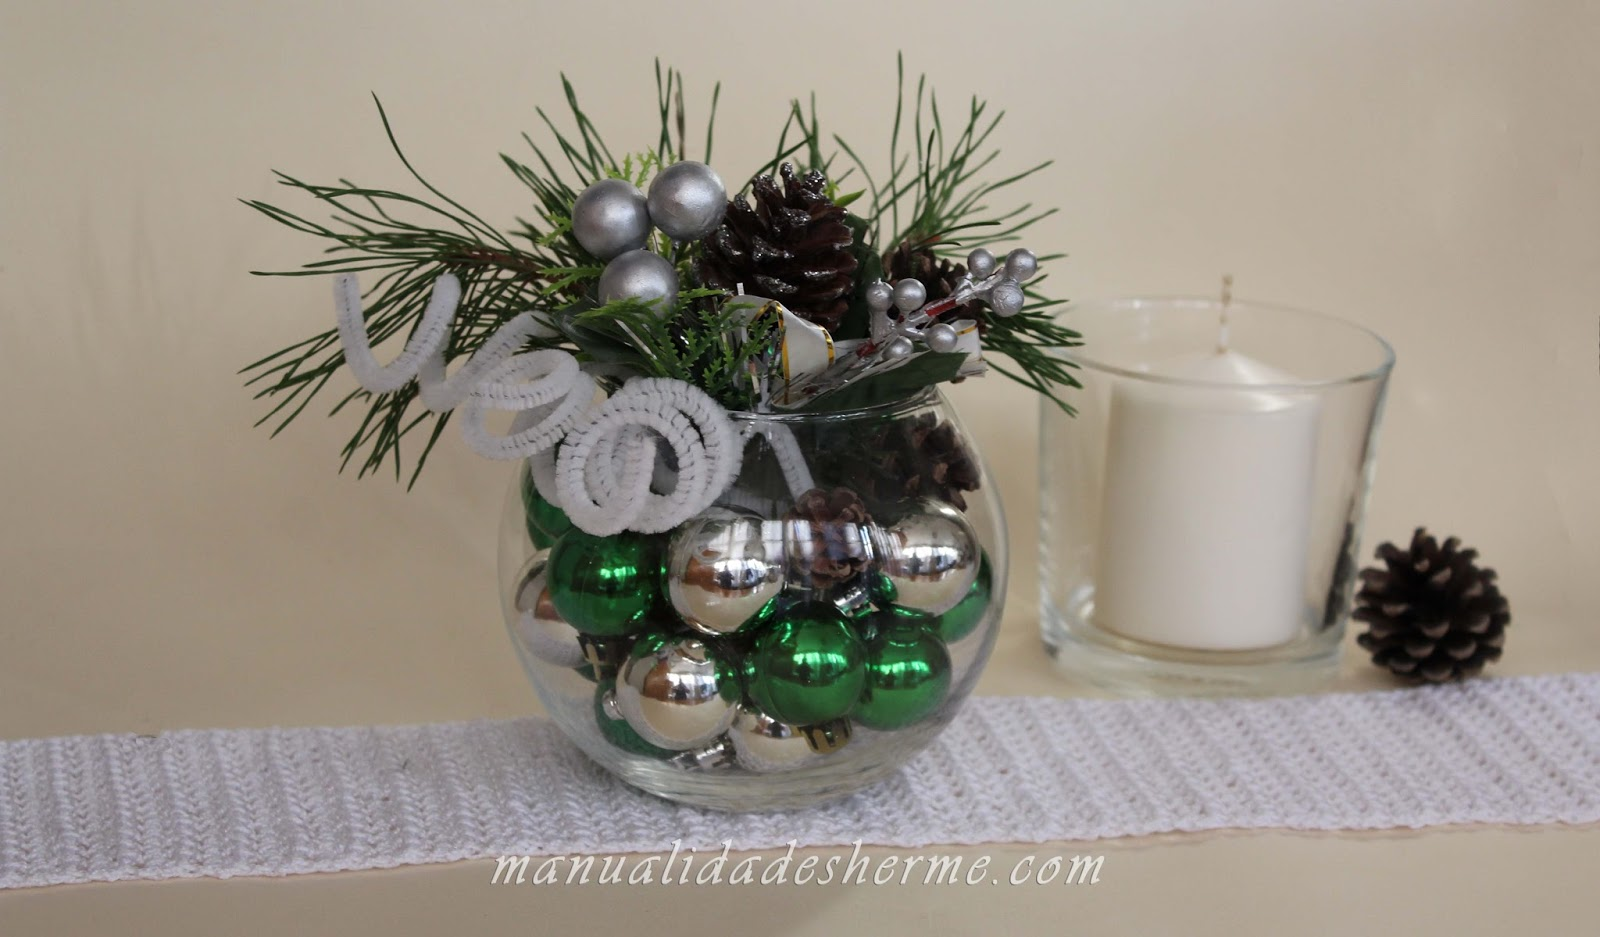 Manualidades herme como hacer un centro de mesa navide o - Centro de mesa navideno manualidades ...